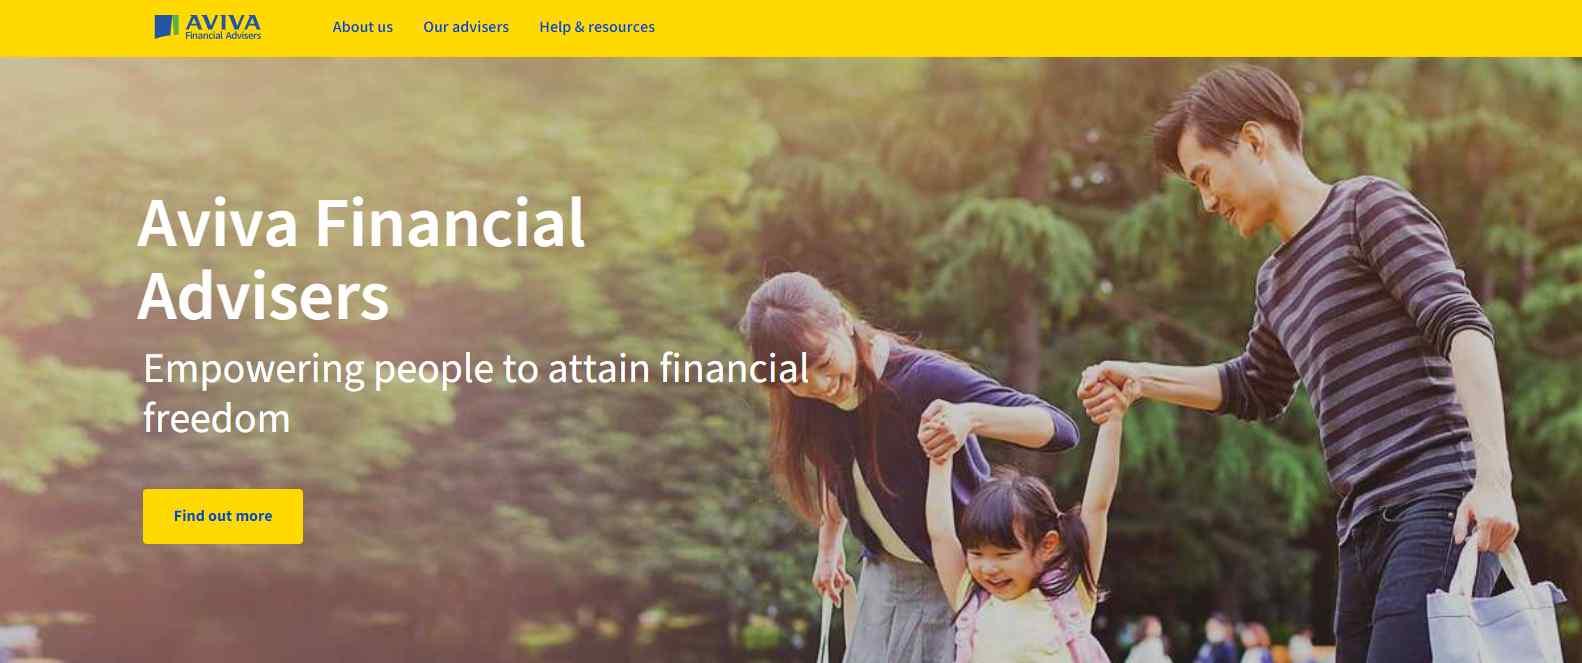 aviva Top Financial Advisors in Singapore